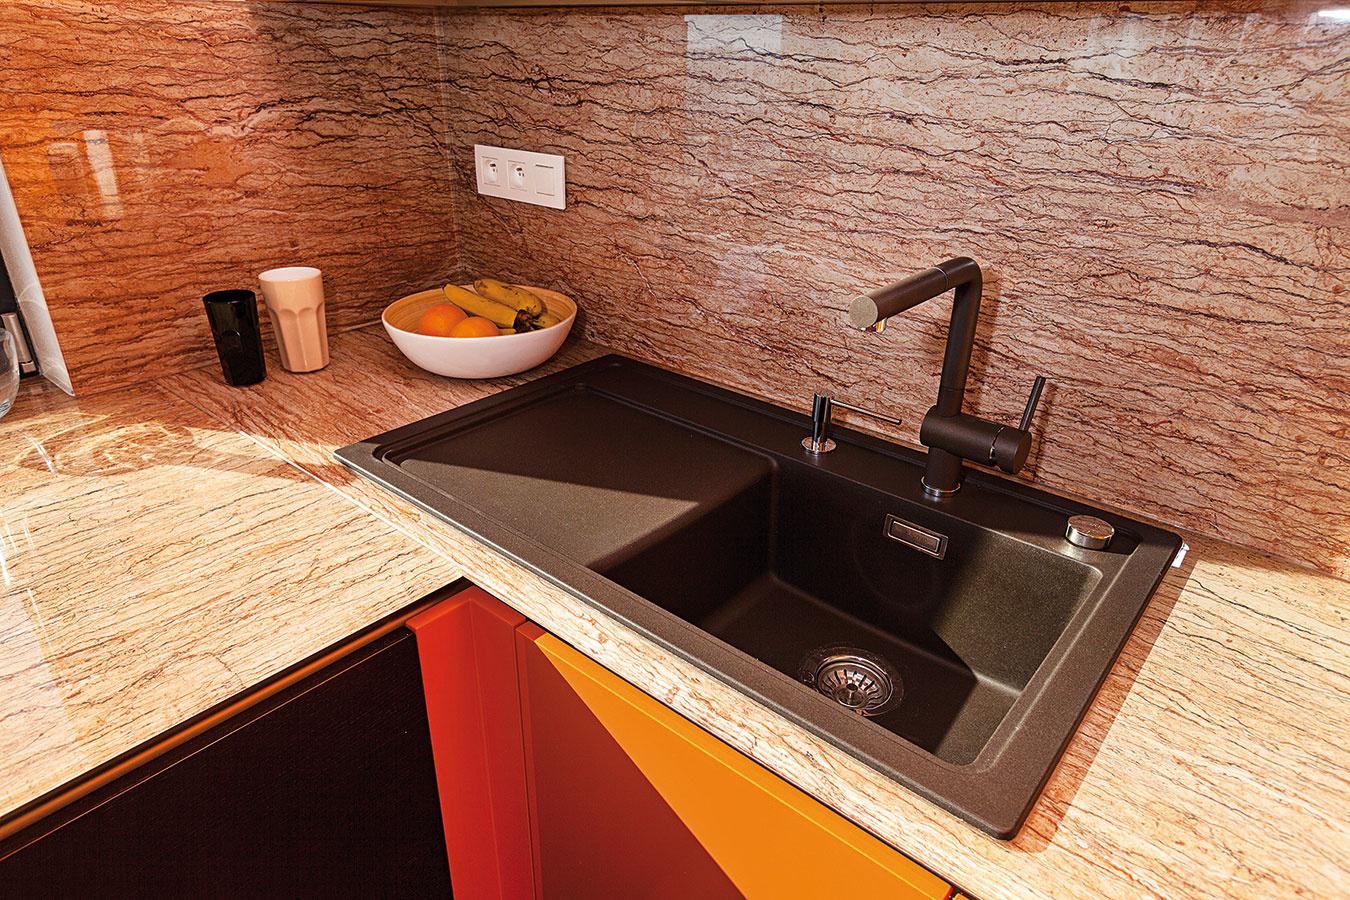 Silgranitový drez si majitelia vyberali tak, aby sa dobre vošiel do priestoru azároveň sním harmonizoval. Dopĺňa ho odkladacia plocha, nechýba zabudovaný dávkovač saponátu. Vskrinke pod drezom sa nachádza systém na triedenie odpadu, naľavo potom vstavaná umývačka riadu.